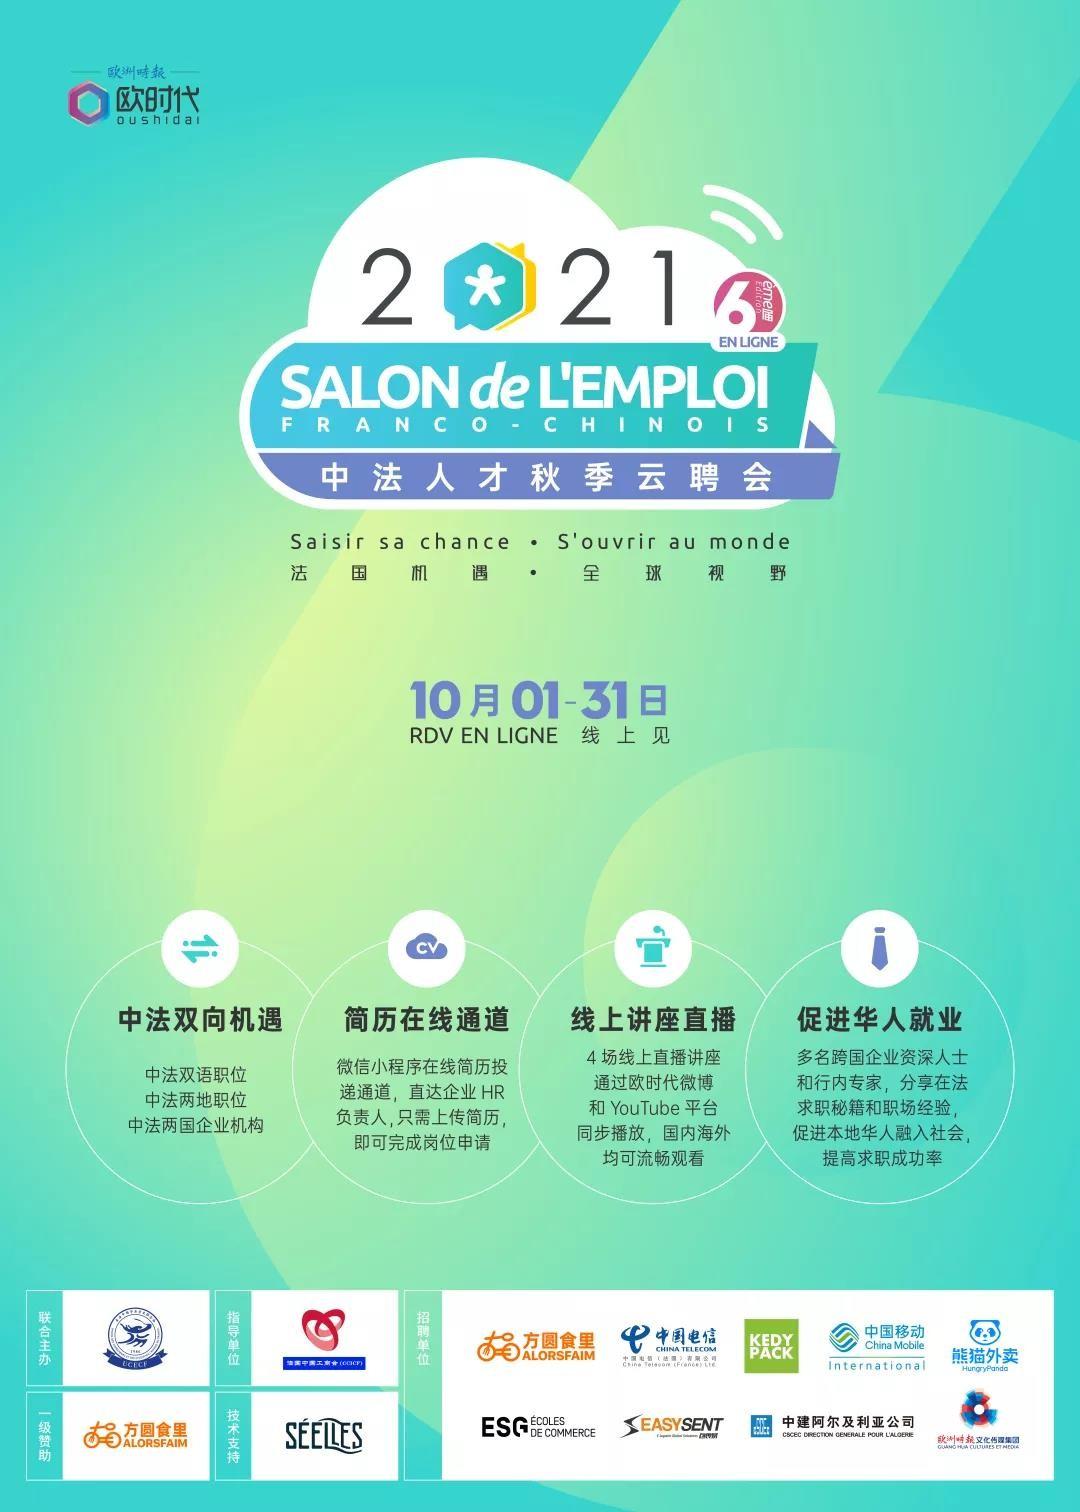 2021中法人才交流会 | 商务经理、售前支持、IT工程师…中国电信(法国)团队需要你!